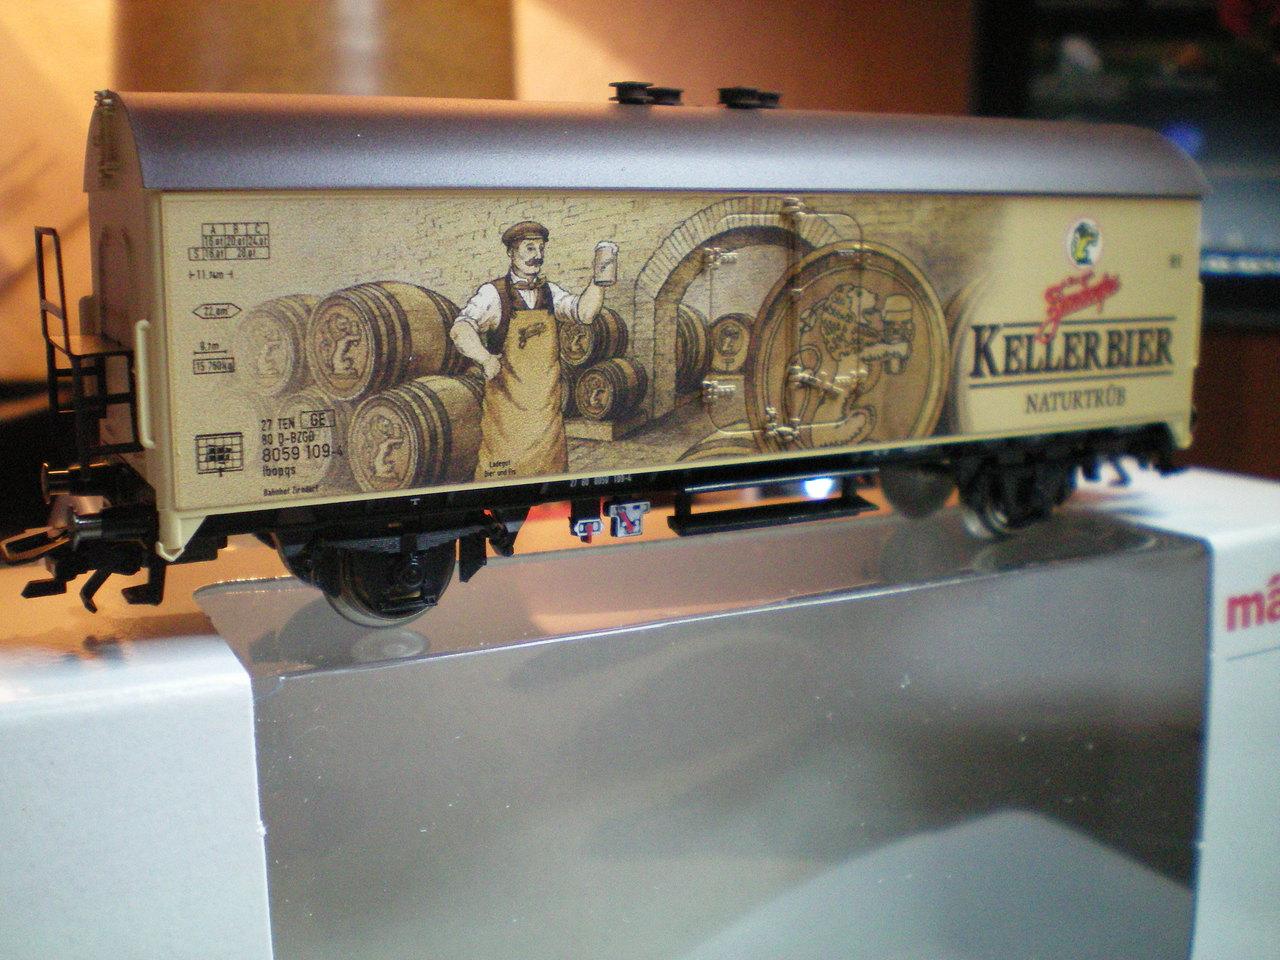 Bierwagen Zirndorfer Kellerbier 45024 100_0003paue7